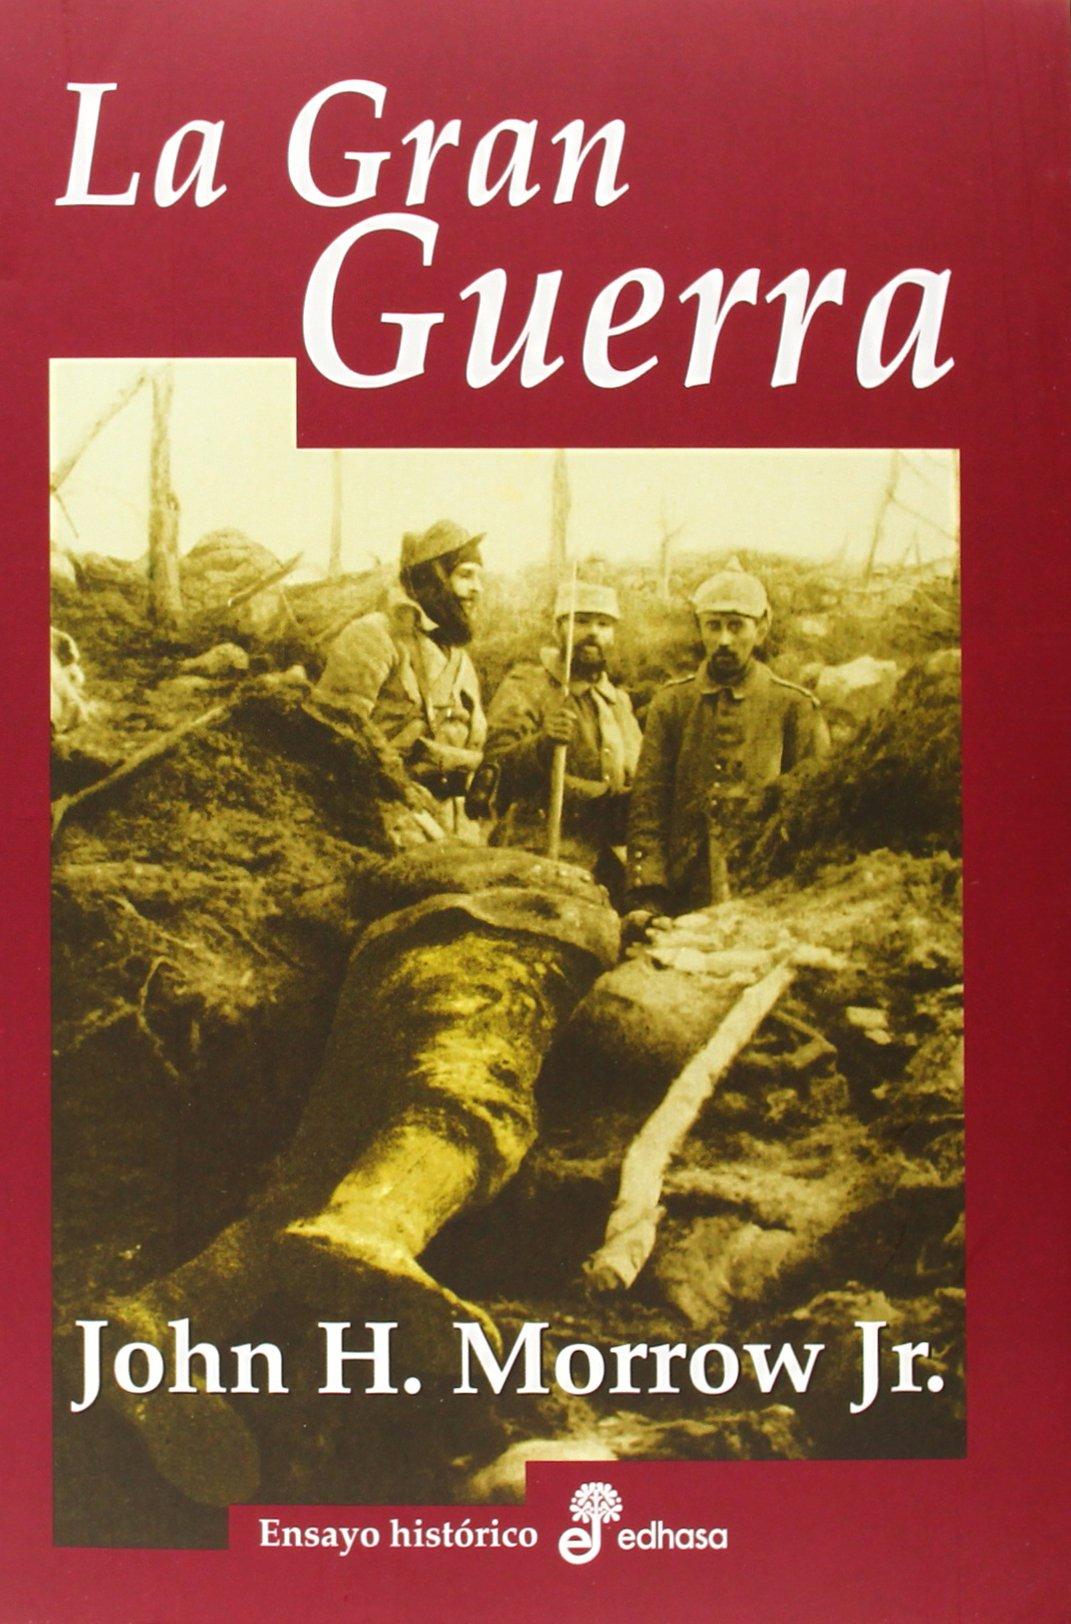 La gran guerra (Ensayo histórico): Amazon.es: Morrown, John H., León Gómez, David: Libros